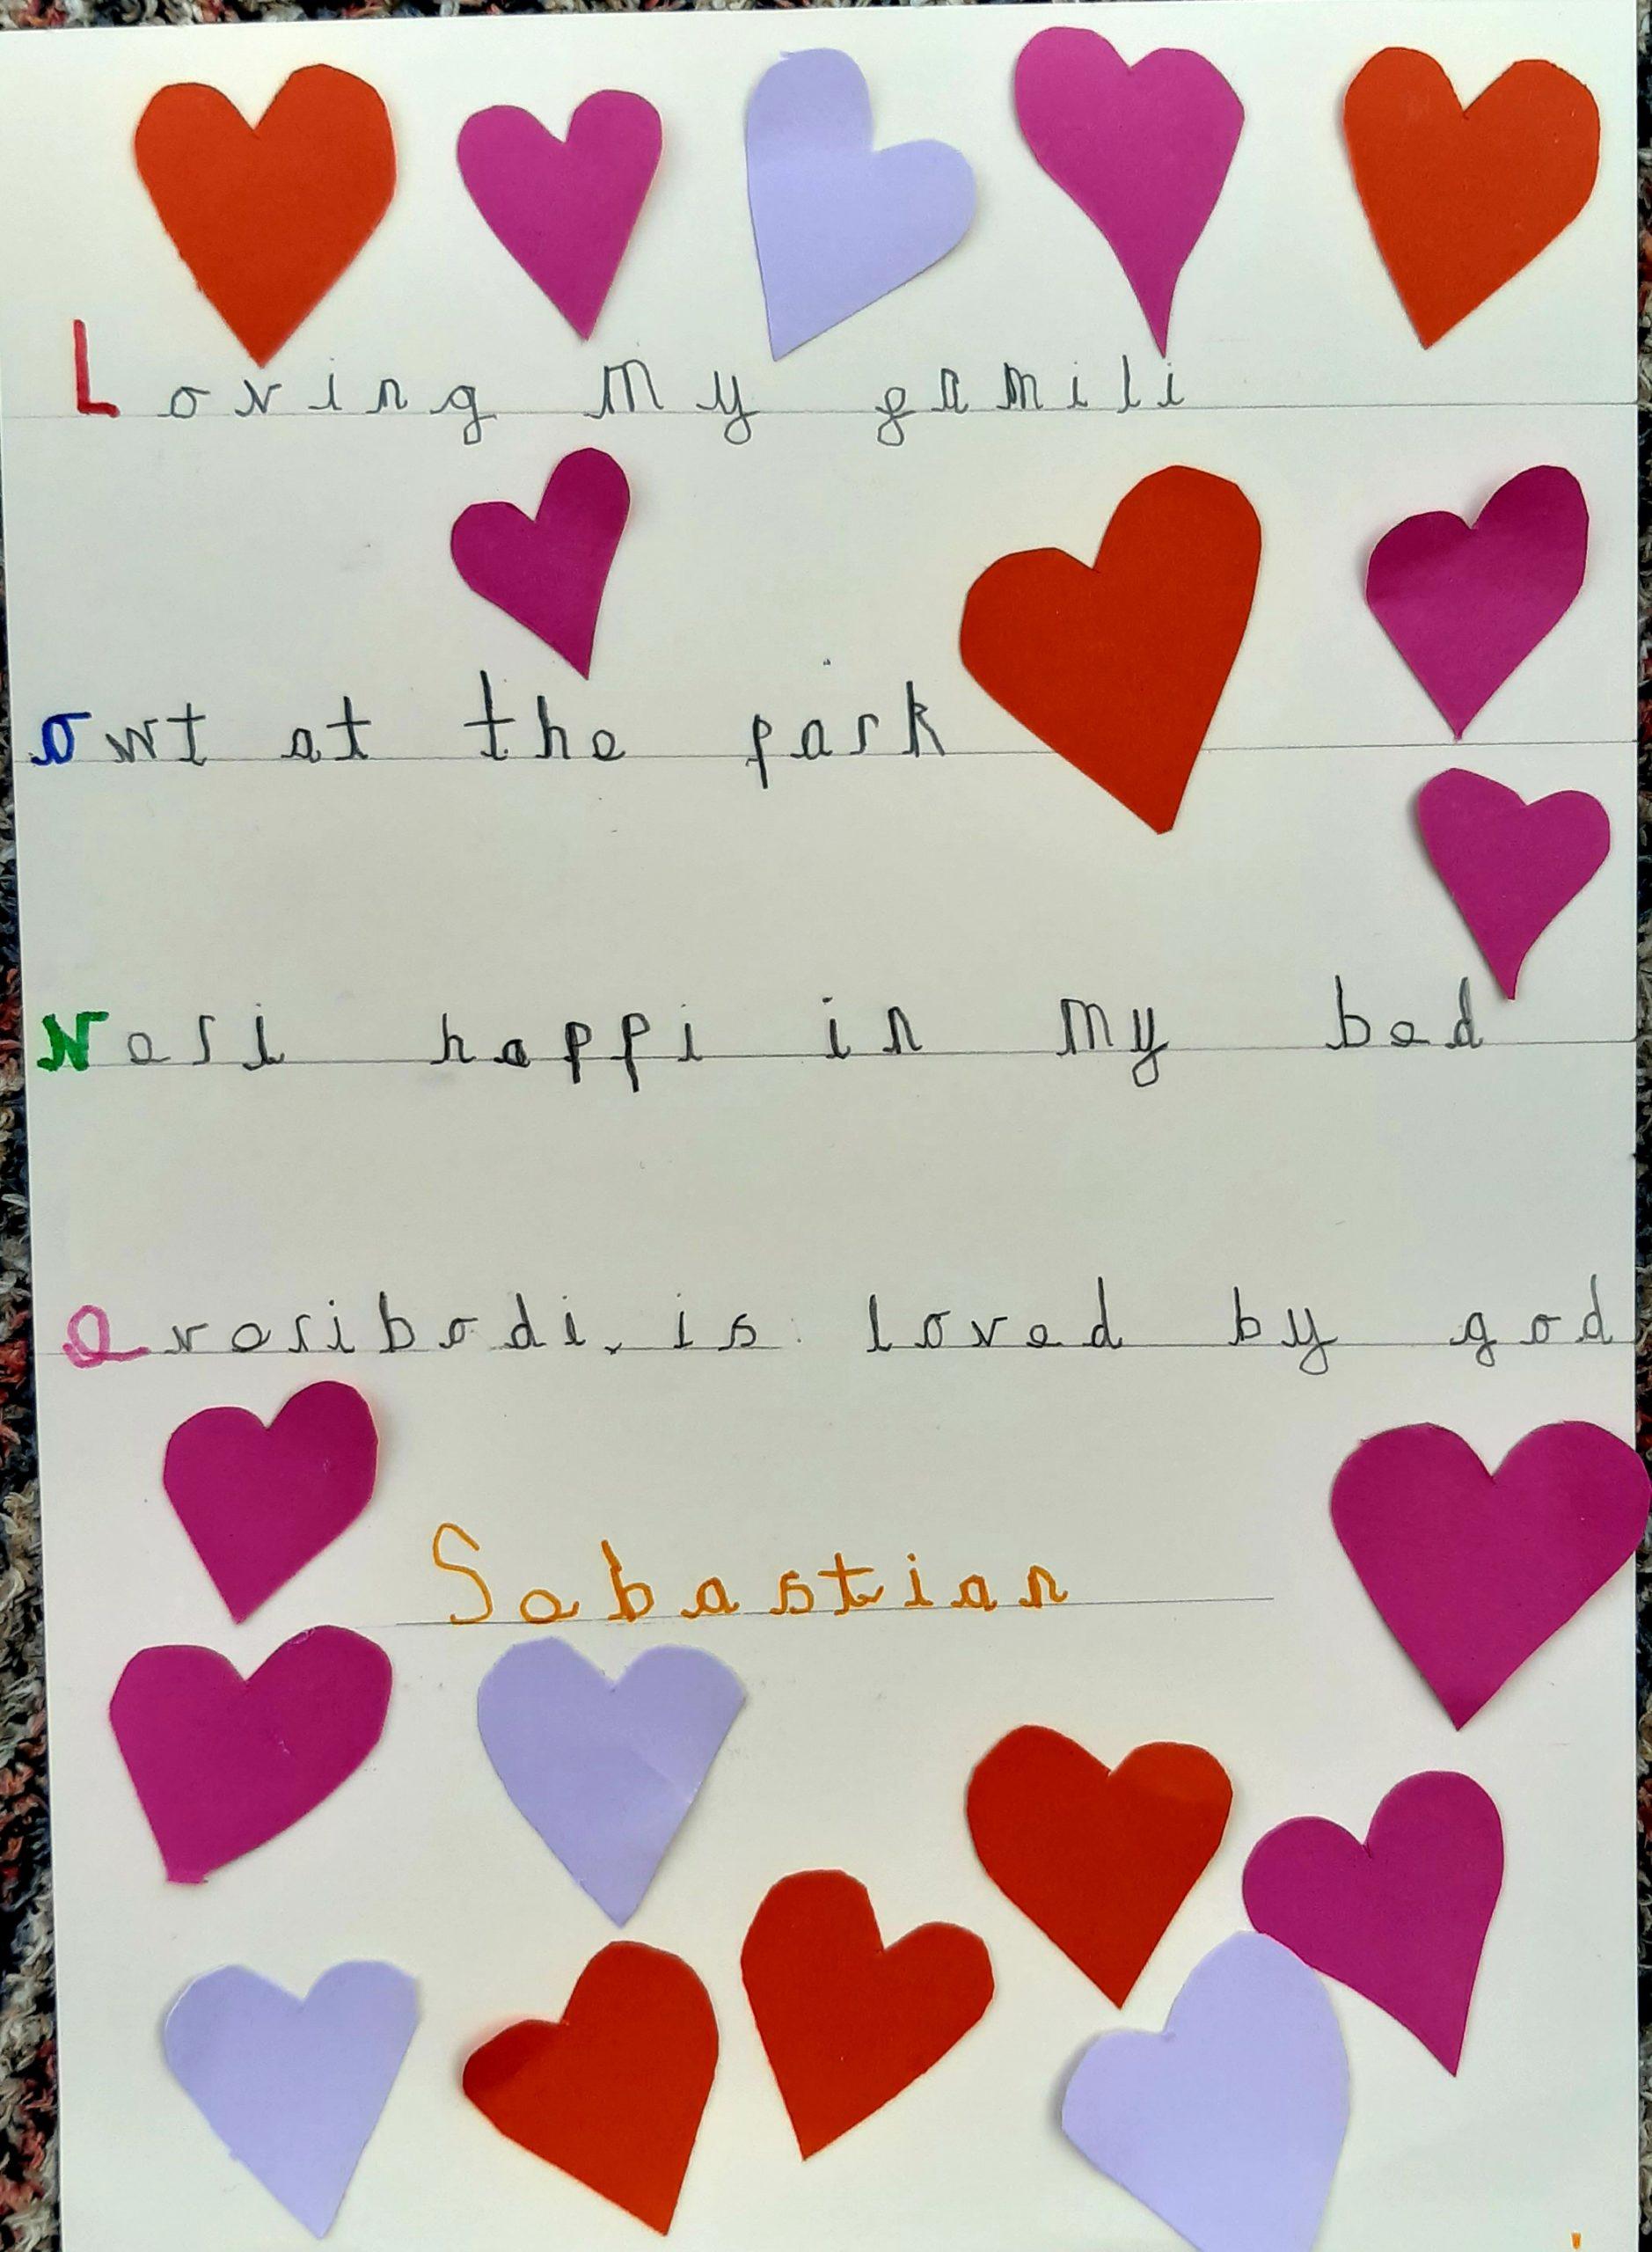 Seb poem